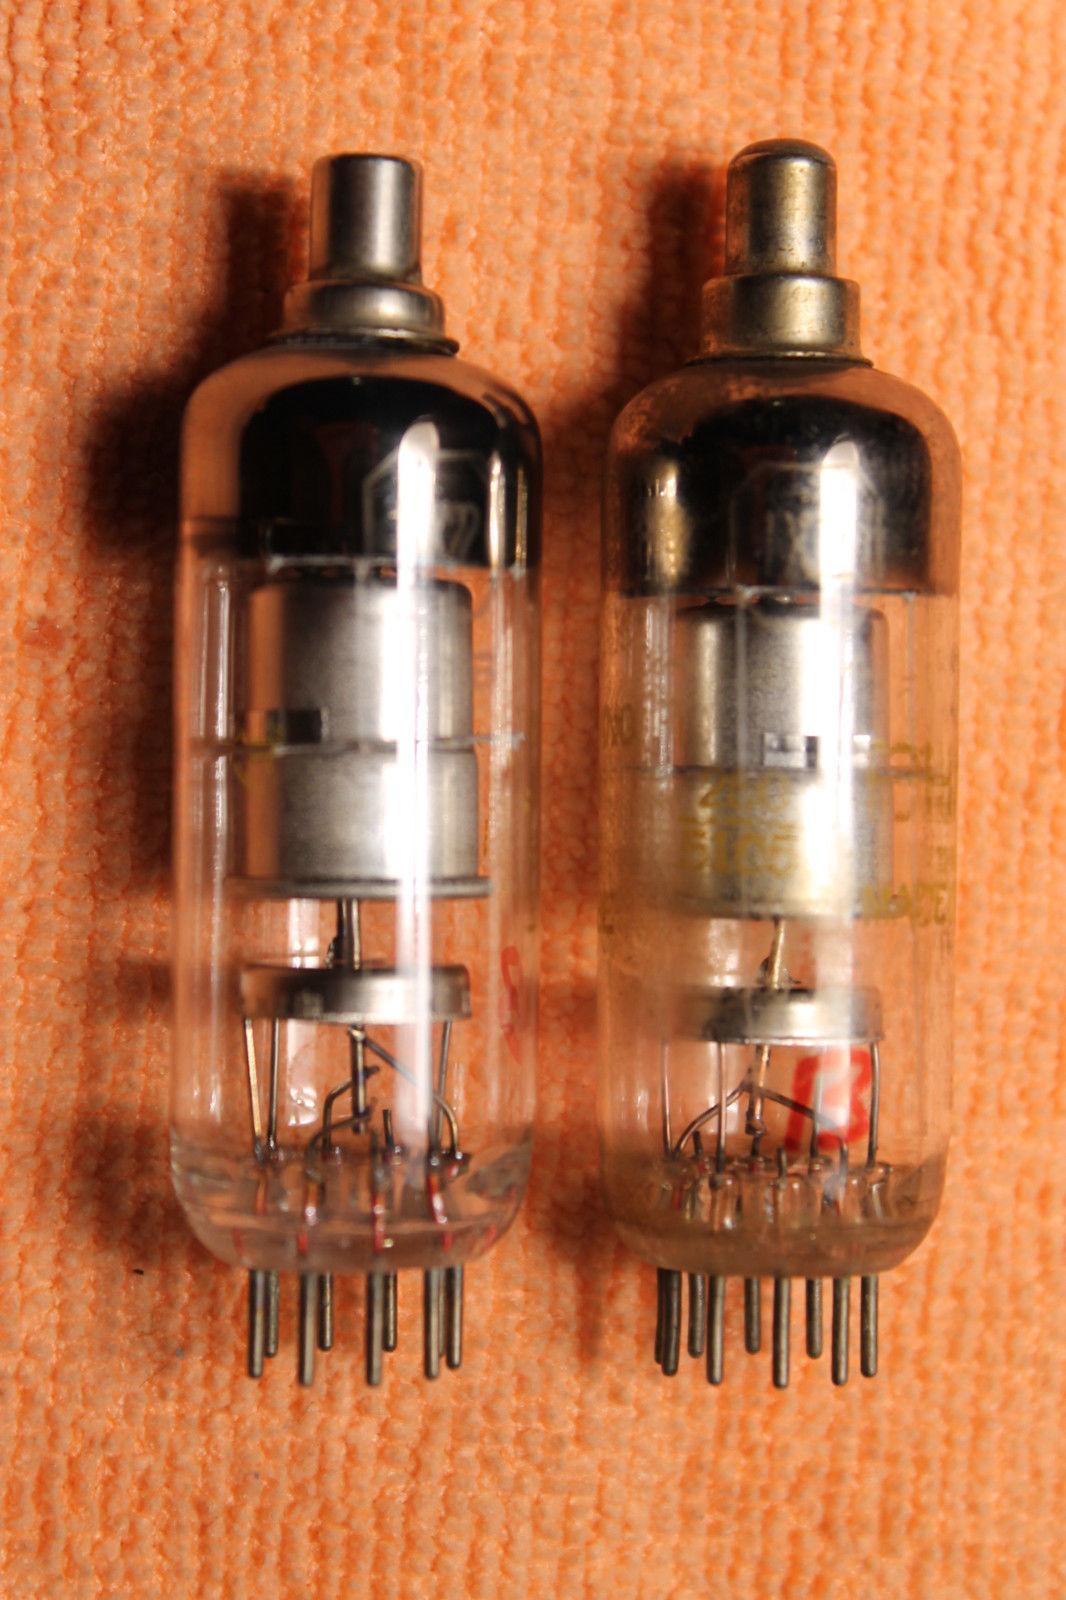 Vintage Radio Vacuum Tube (one): 1X2 - Tested Good